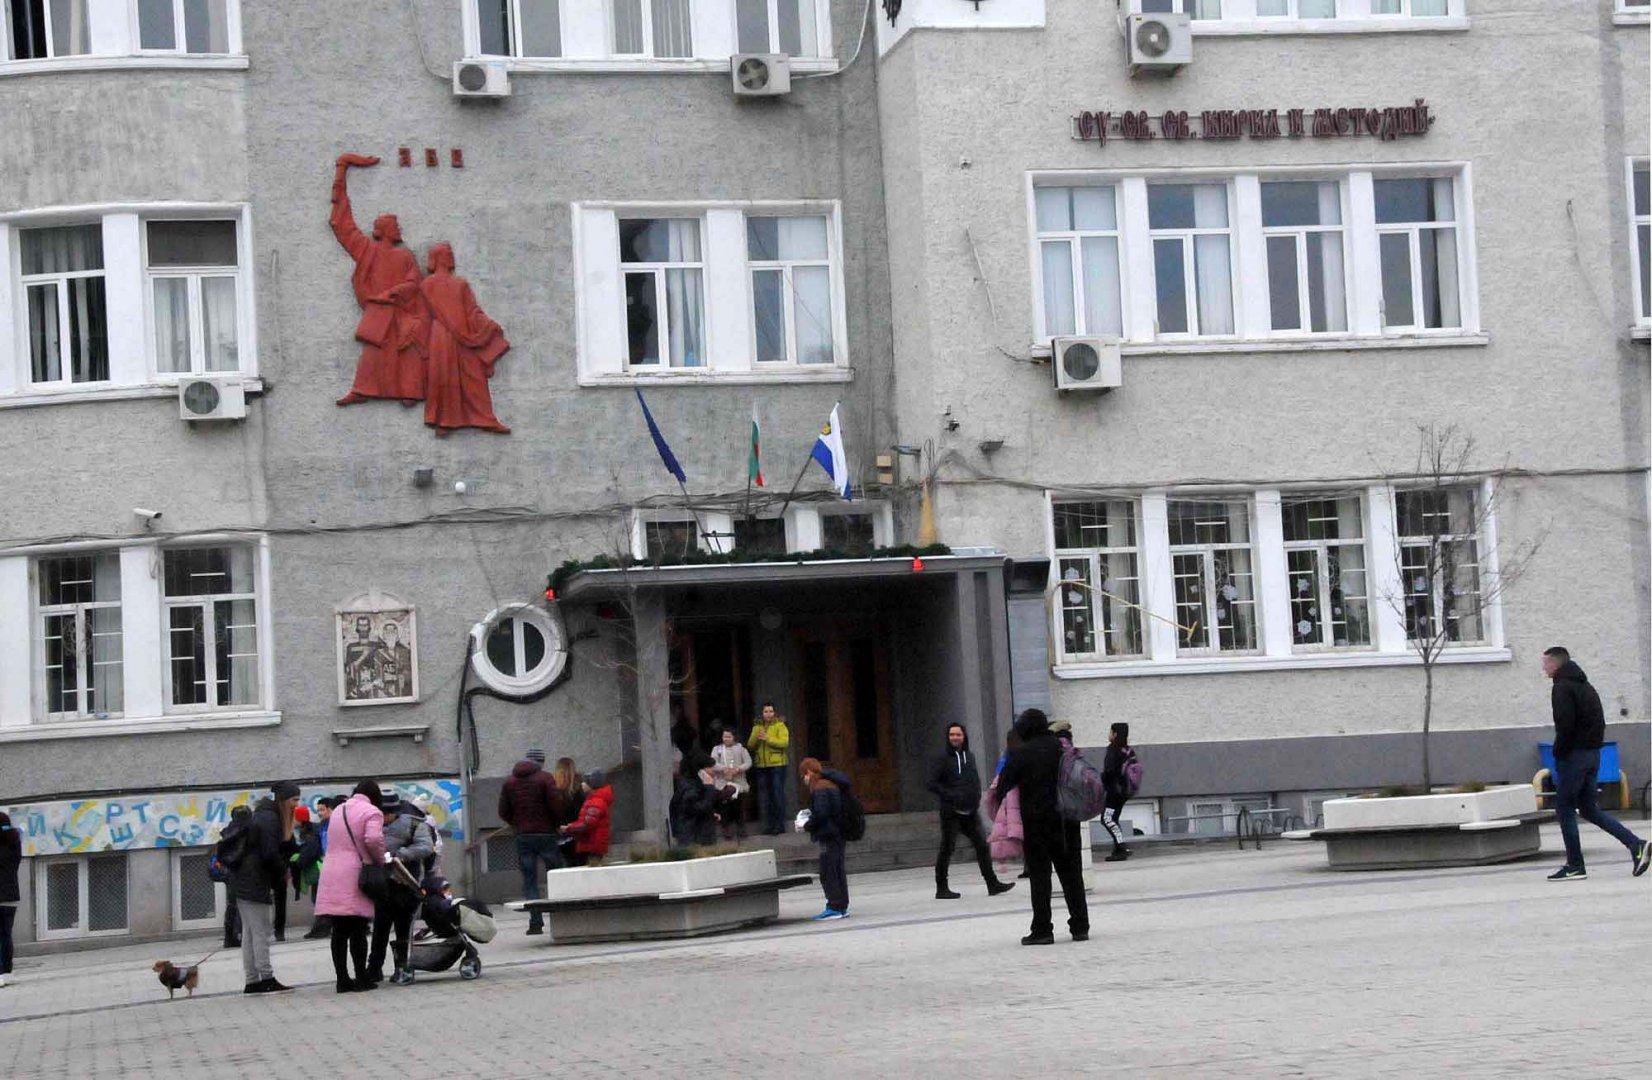 Седмокласниците се явявят днес на изпит в 105 училища в Бургас и региона. Снимка Архив Черноморие